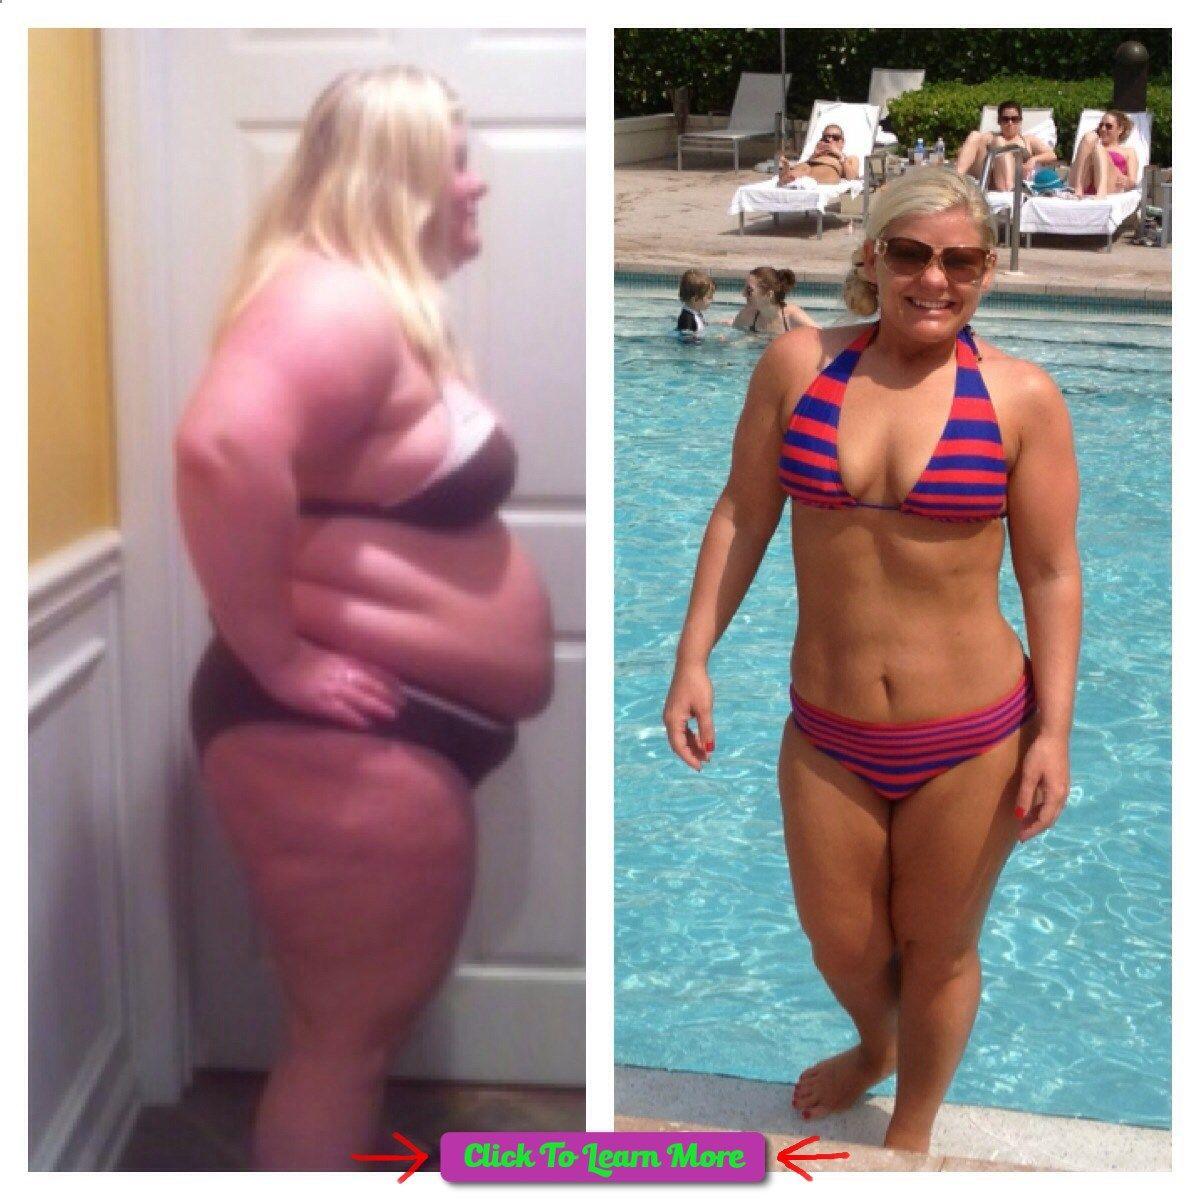 Сыроедение Быстрое Похудение. Сыроедение для похудения - меню диеты с рецептами на неделю, отзывы о результатах